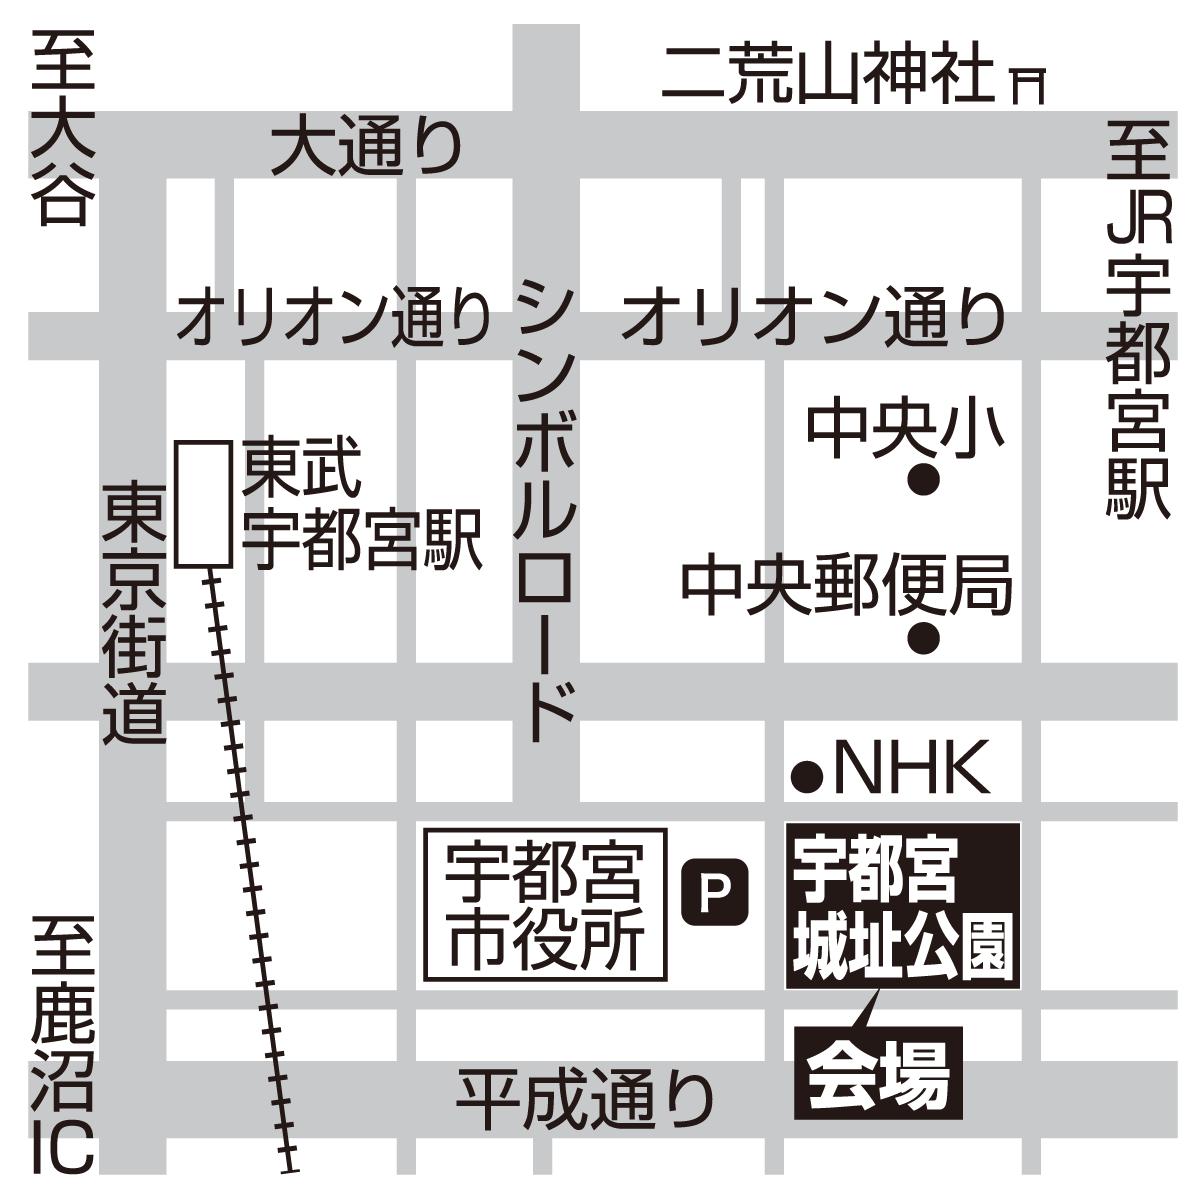 宇都宮城址公園アクセスマップ